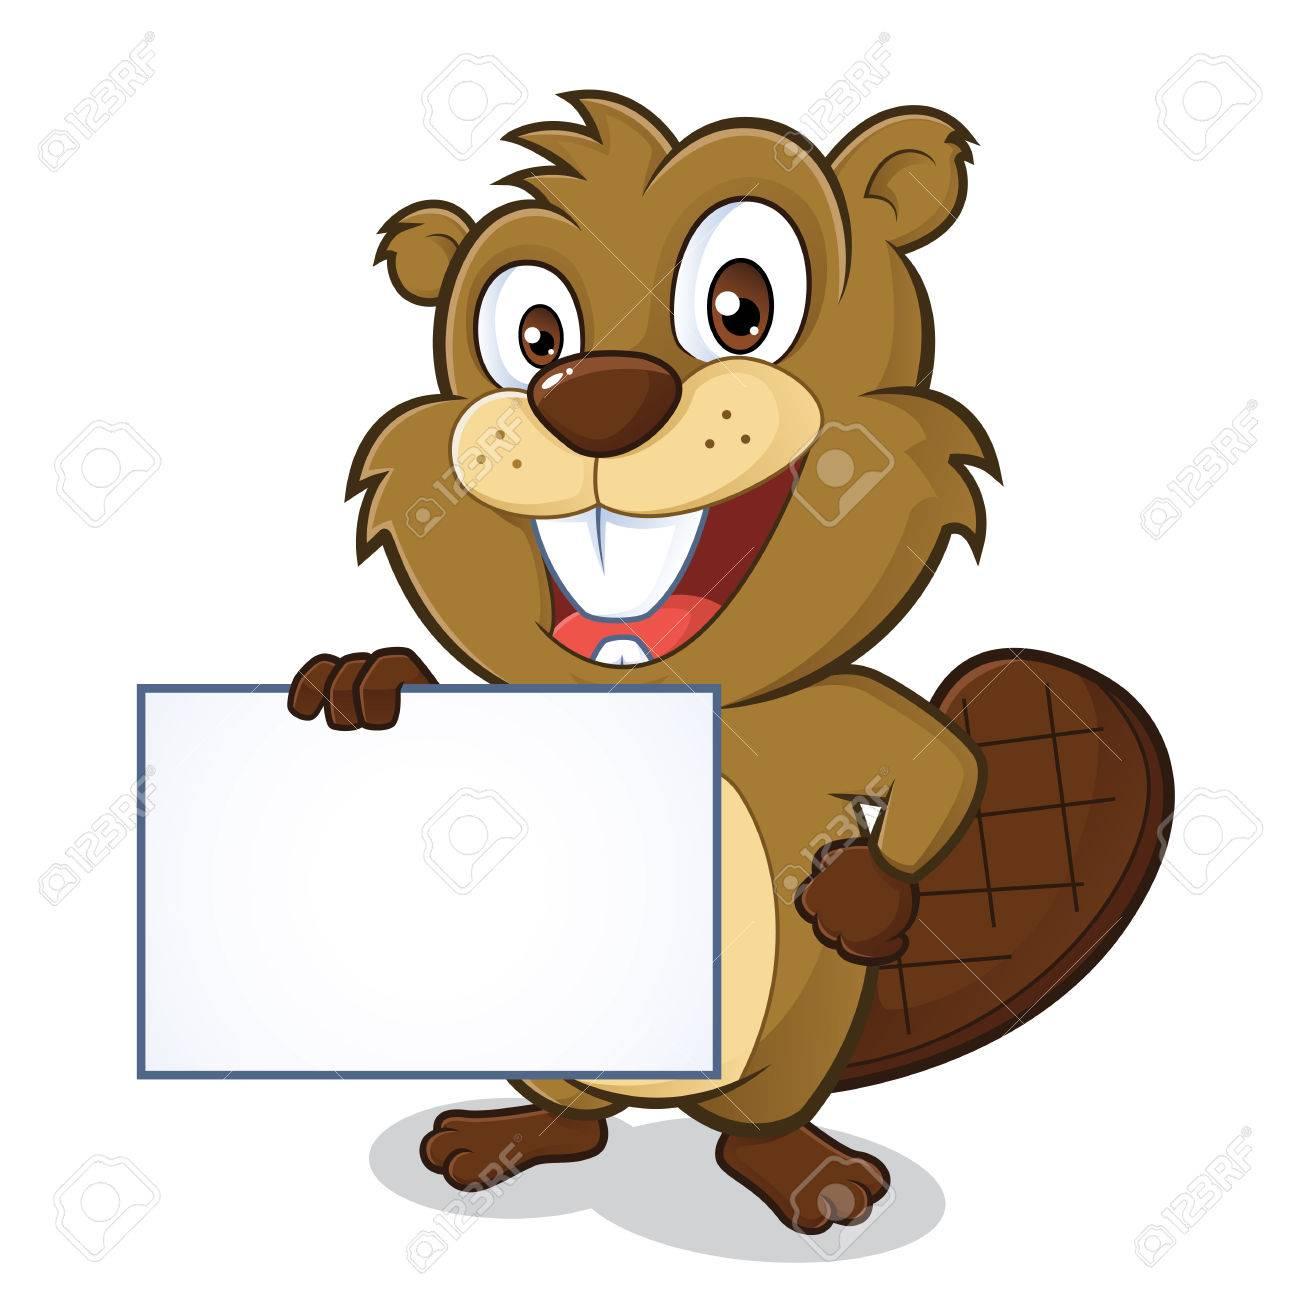 Beaver holding sign.